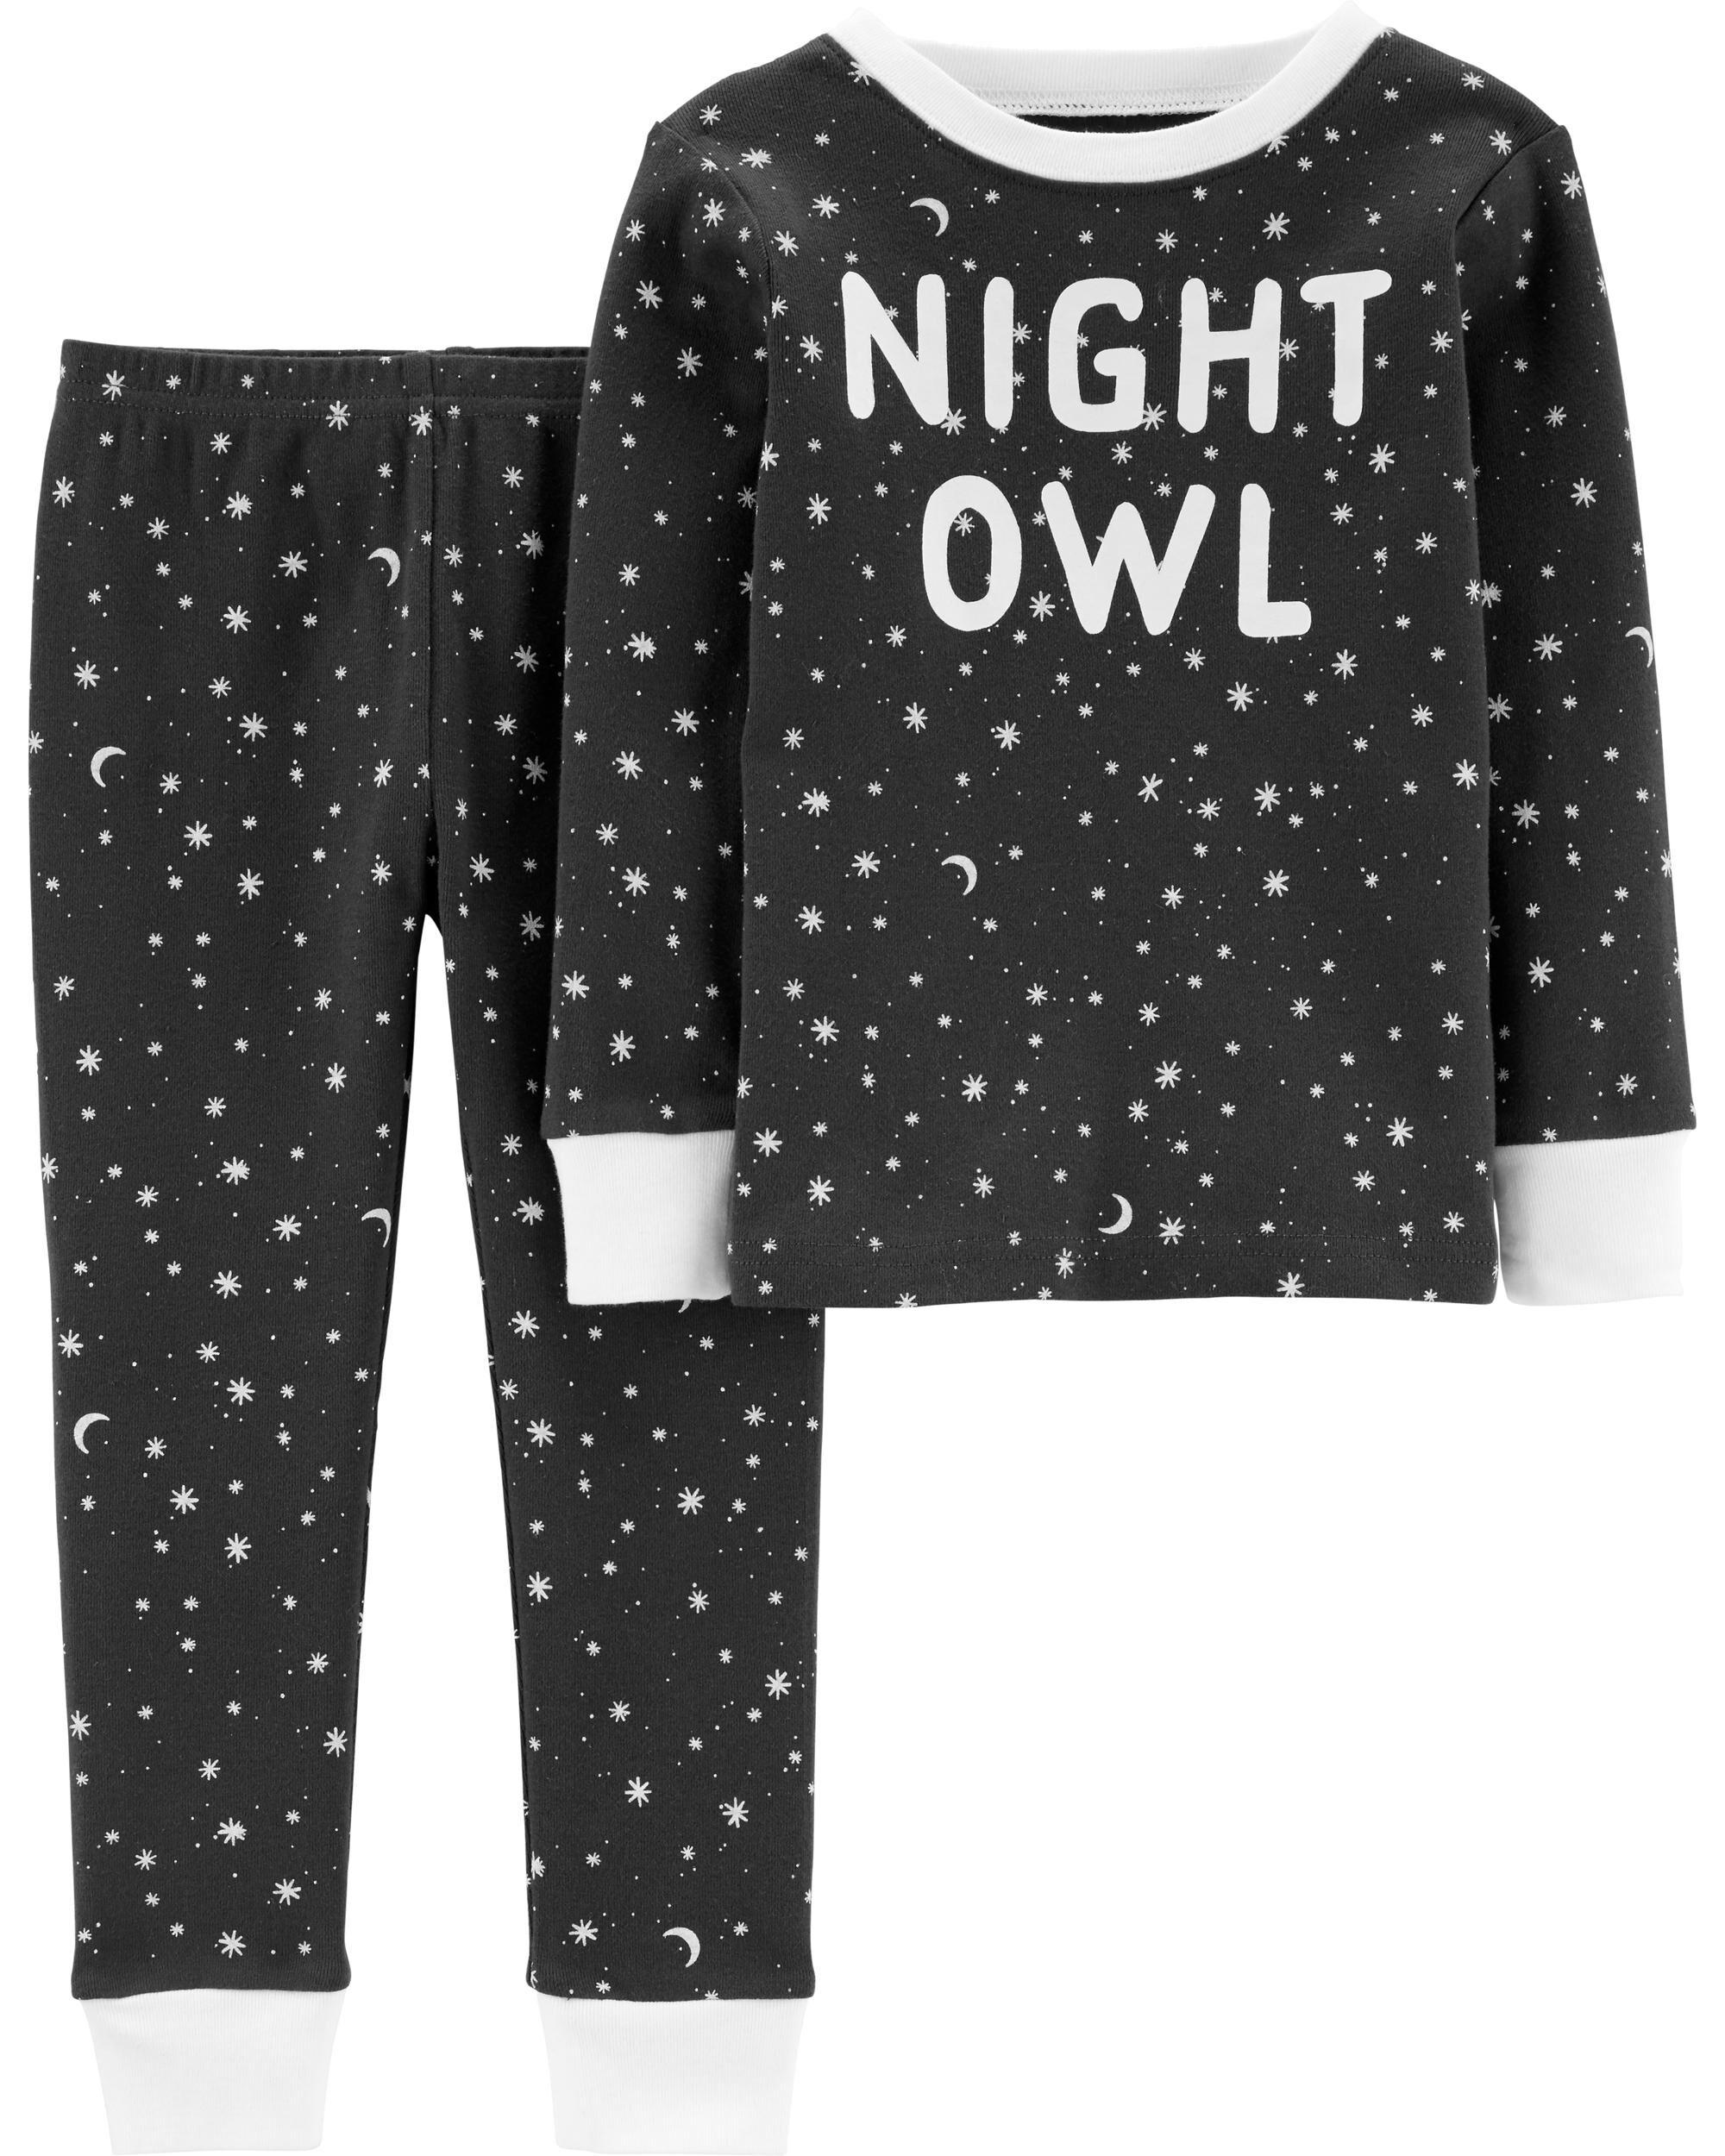 Naked black girls in pajamas